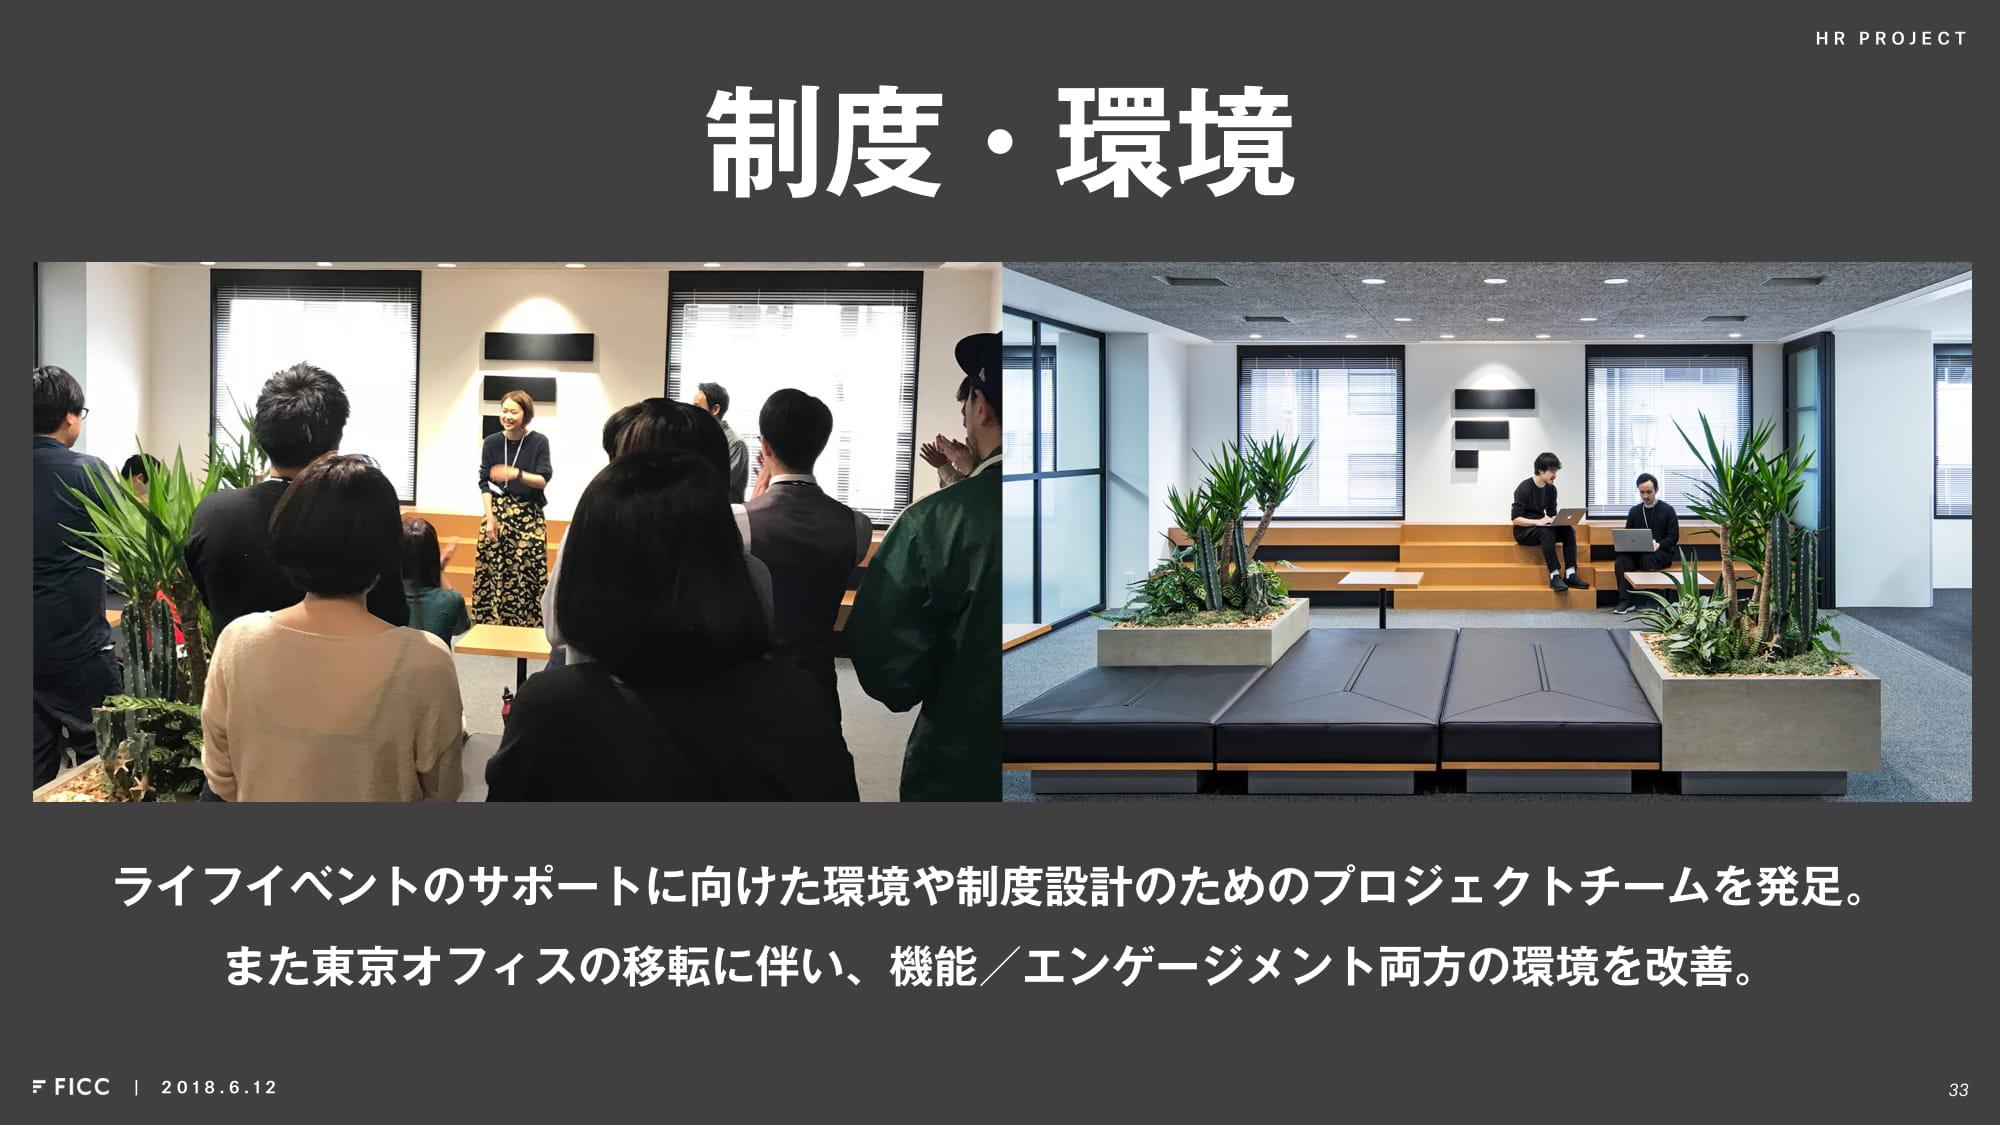 ライフイベントのサポートに向けた環境や制度設計のためのプロジェクトチームを発足。また東京オフィスの移転に伴い、機能面/エンゲージメント面の環境改善。